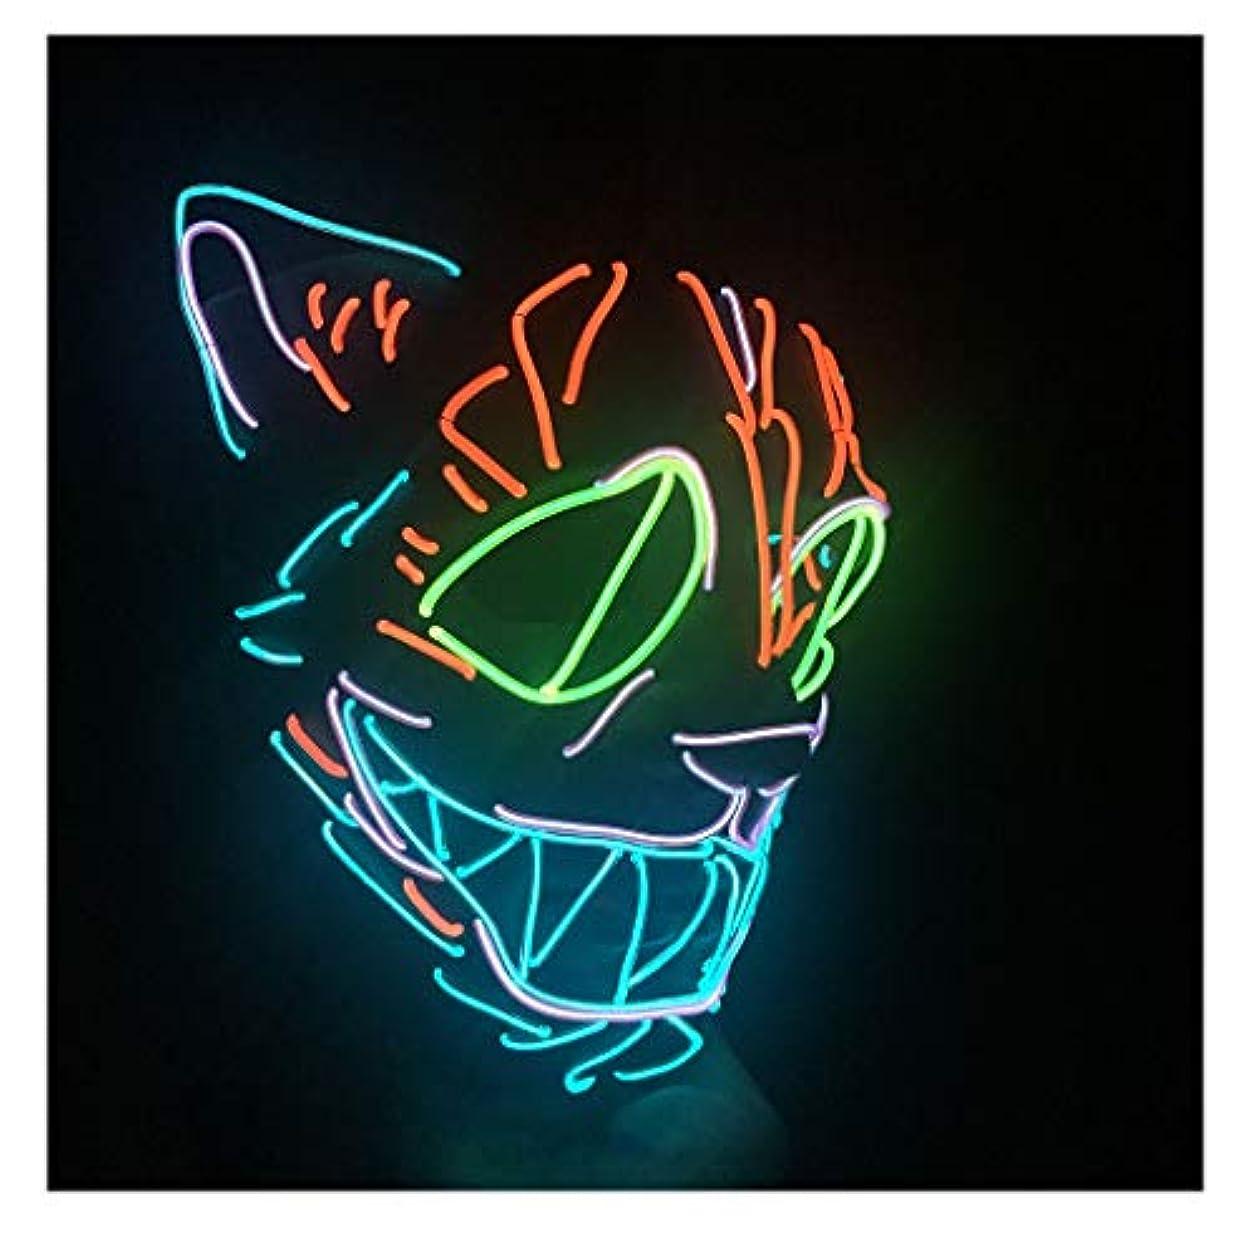 精巧なめんどり有名人怖いマスクハロウィンコスプレ-コスチュームマスクライトアップフェスティバルパーティー用LEDマスクブルー,赤